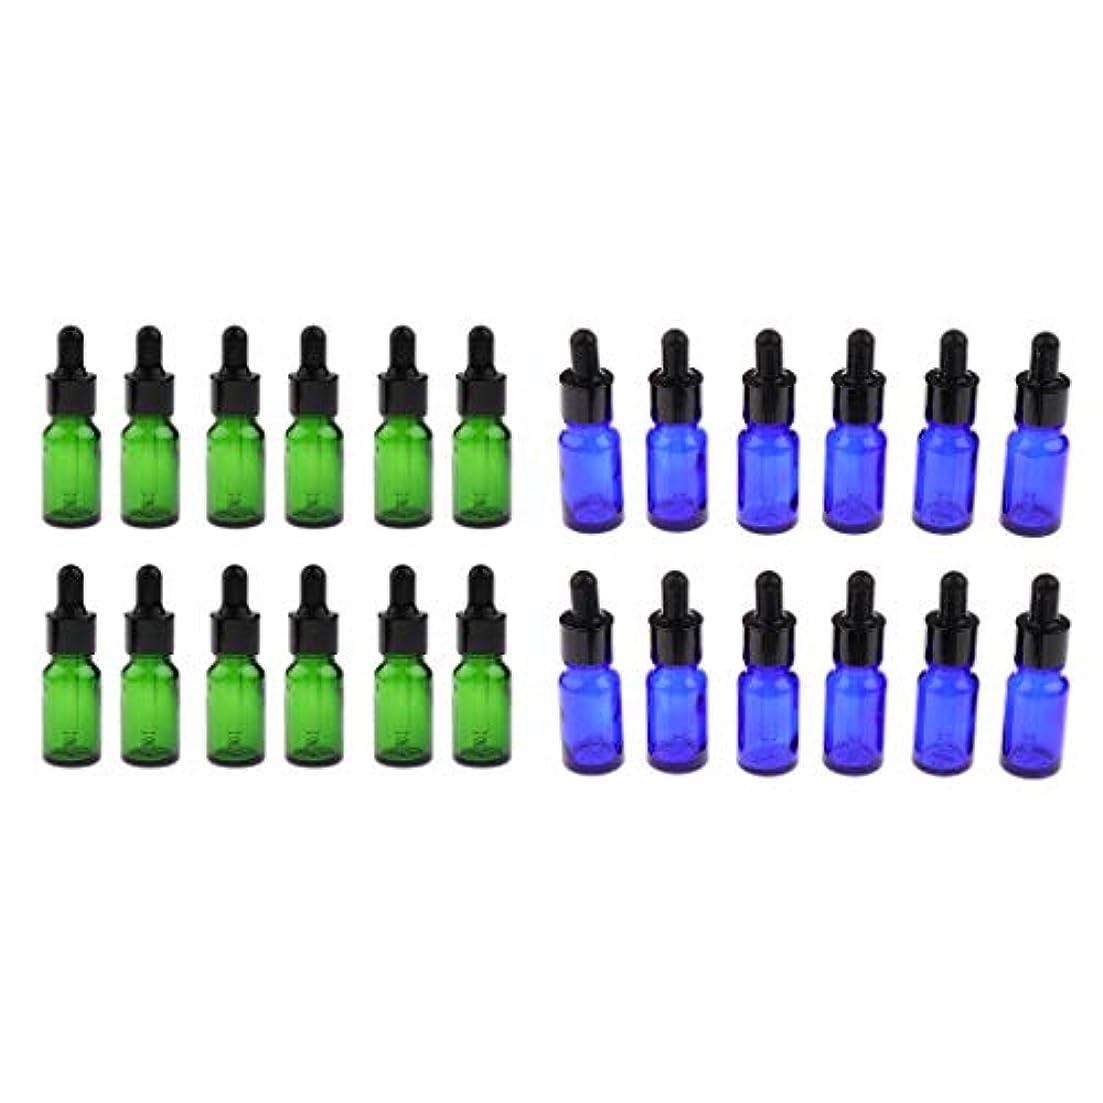 シニス覆す期待するガラス瓶 アロマボトル 遮光ビン 精油瓶 5ml 10ml 詰替え容器 化粧ボトル 約24個